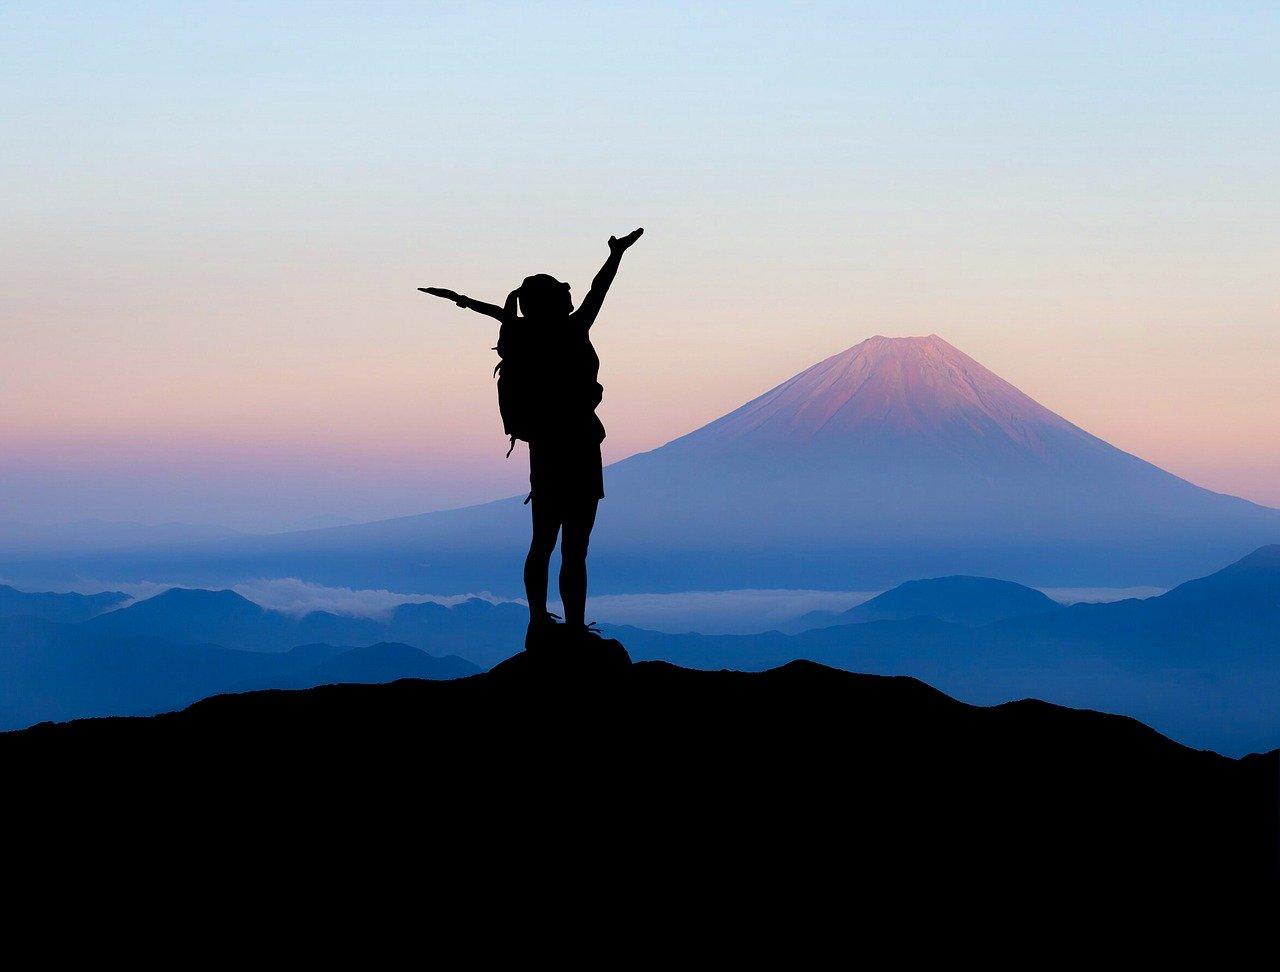 夢は叶えることが目的か、自分を高めることが目的か